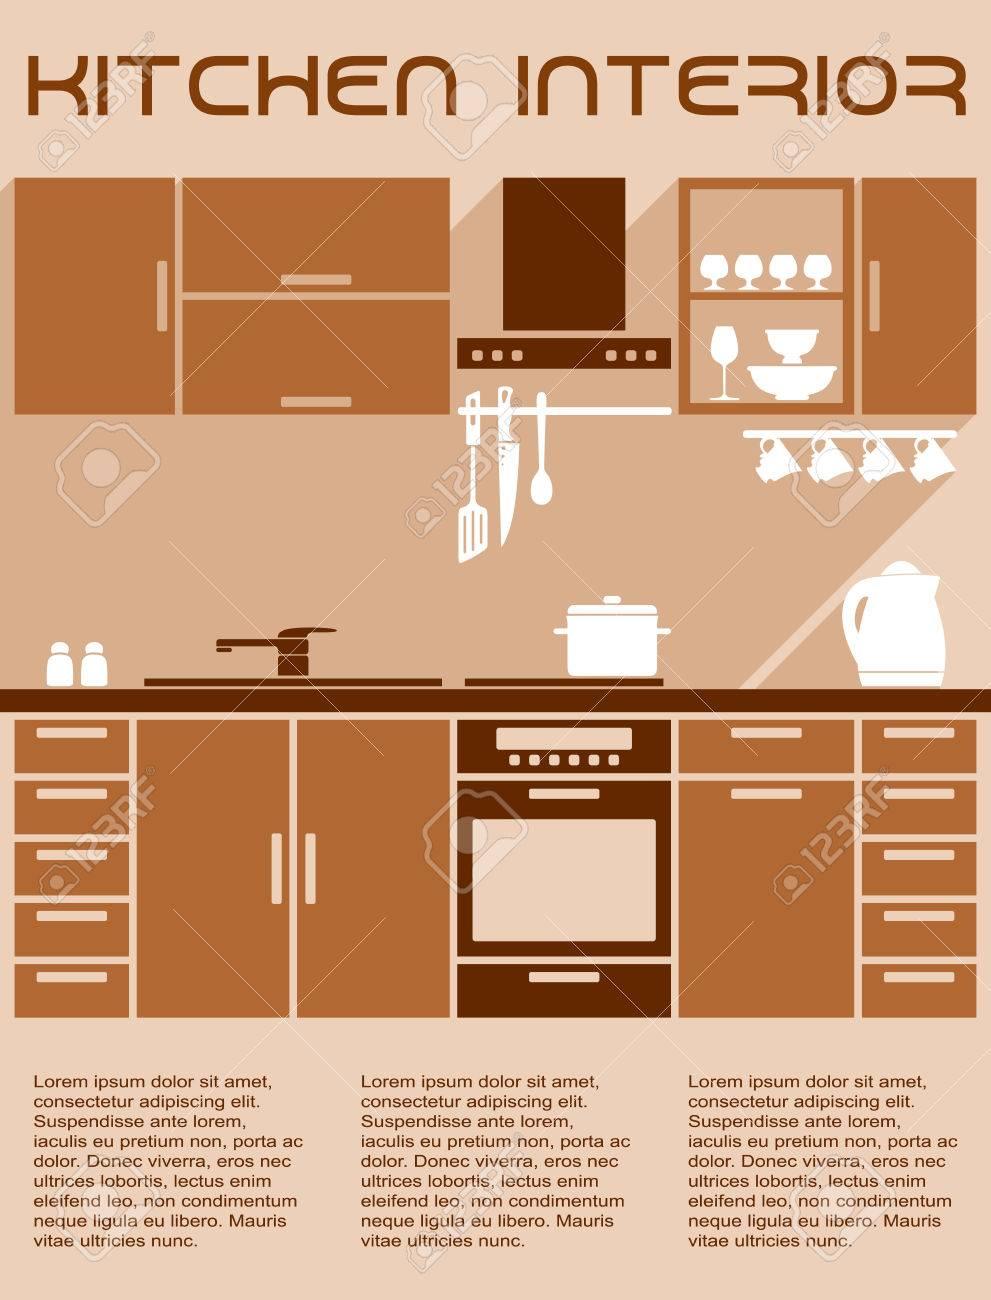 Küche Interieur In Warmen Braun- Und Beigetönen Mit Arbeitsbereich ...